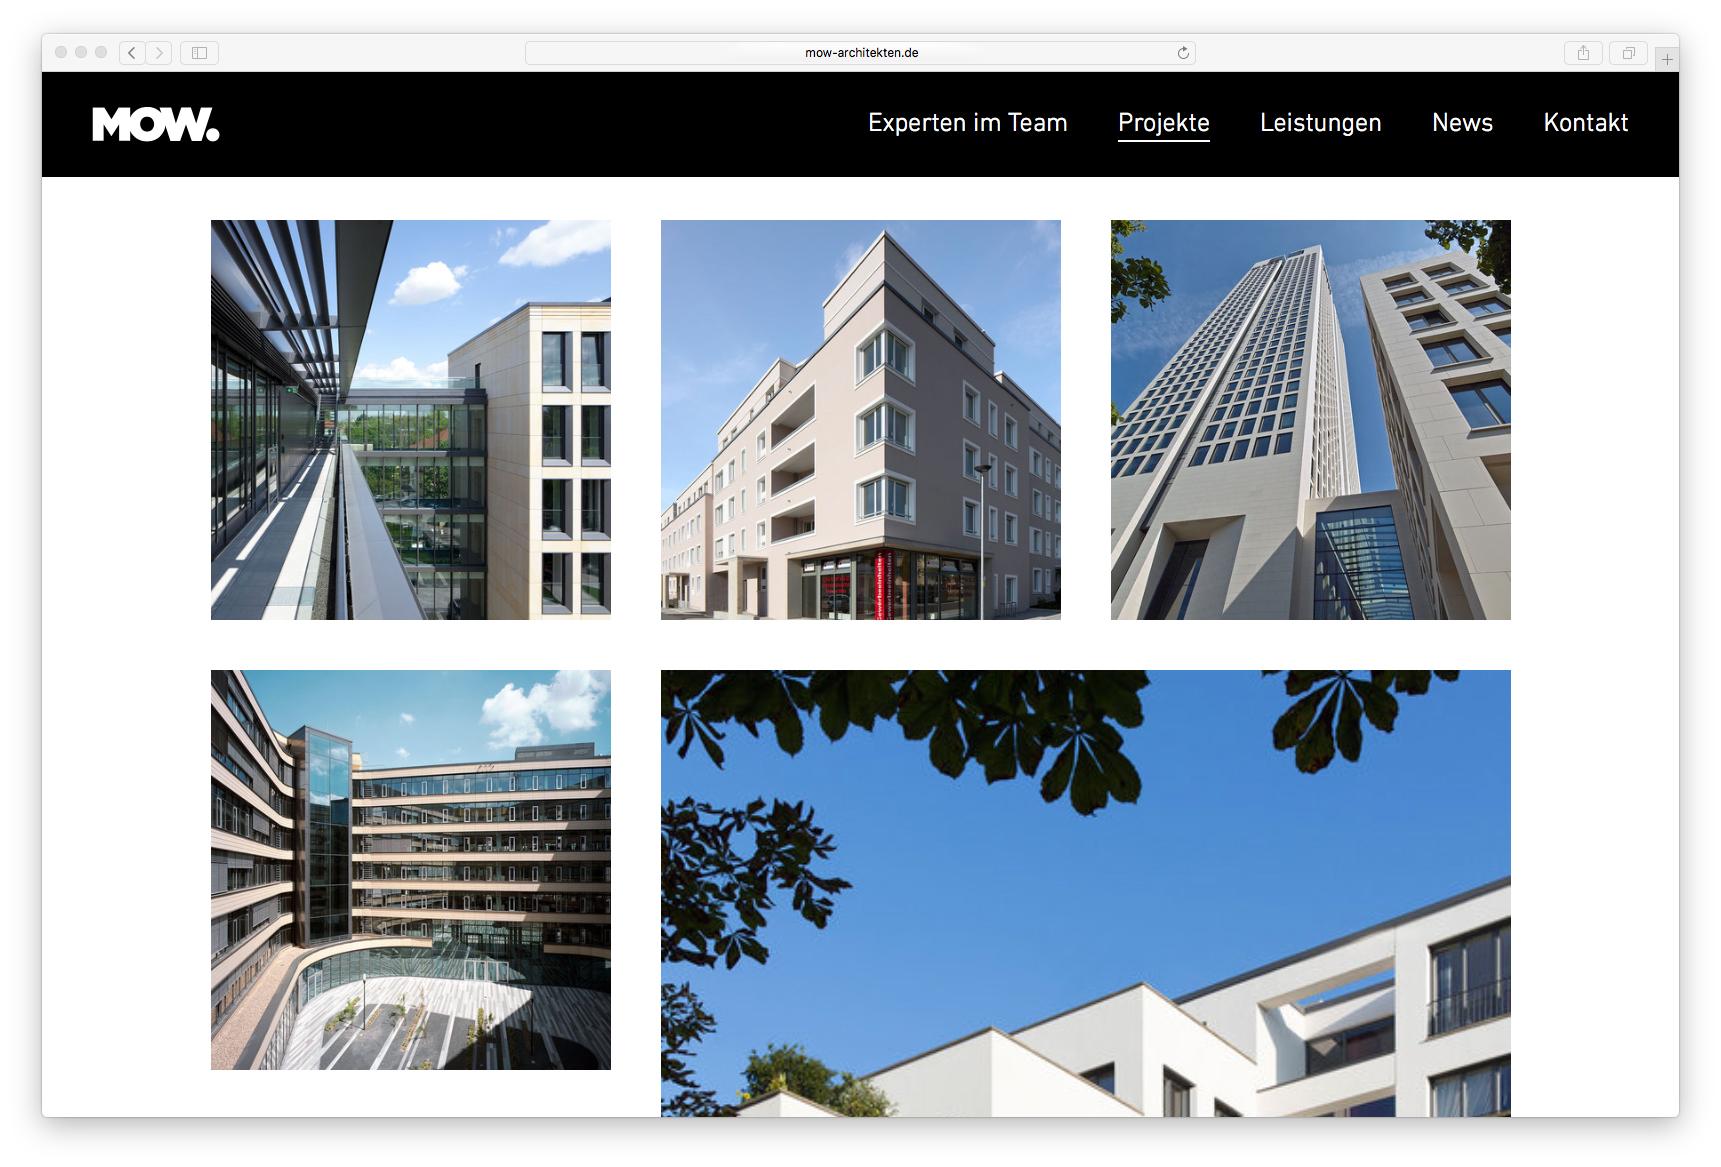 Quandel-Staudt-Design-MOW-Website-17